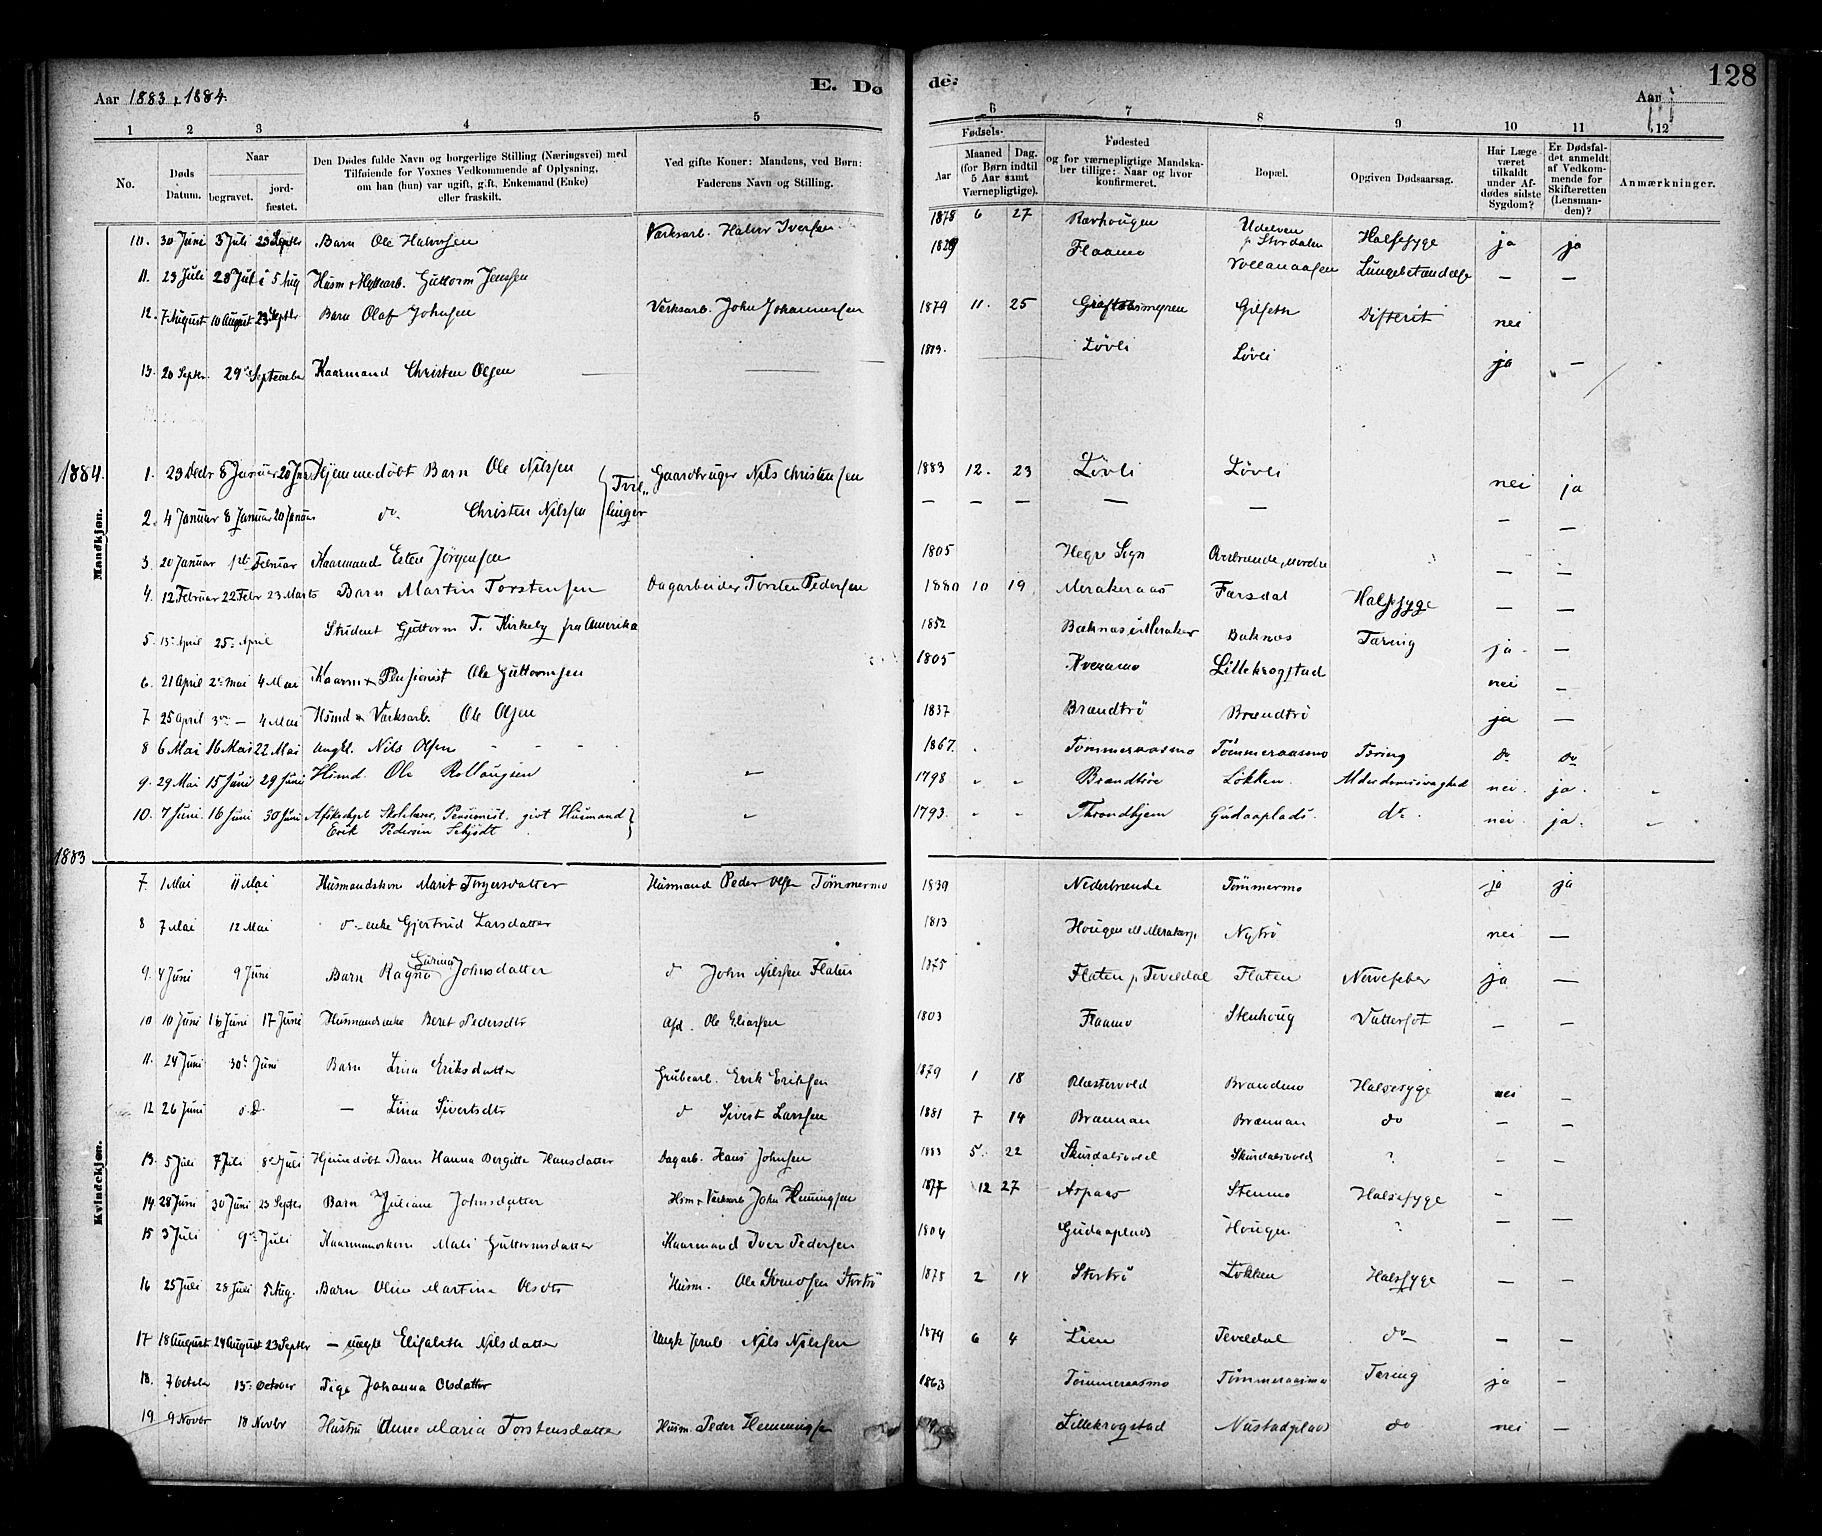 SAT, Ministerialprotokoller, klokkerbøker og fødselsregistre - Nord-Trøndelag, 706/L0047: Ministerialbok nr. 706A03, 1878-1892, s. 128